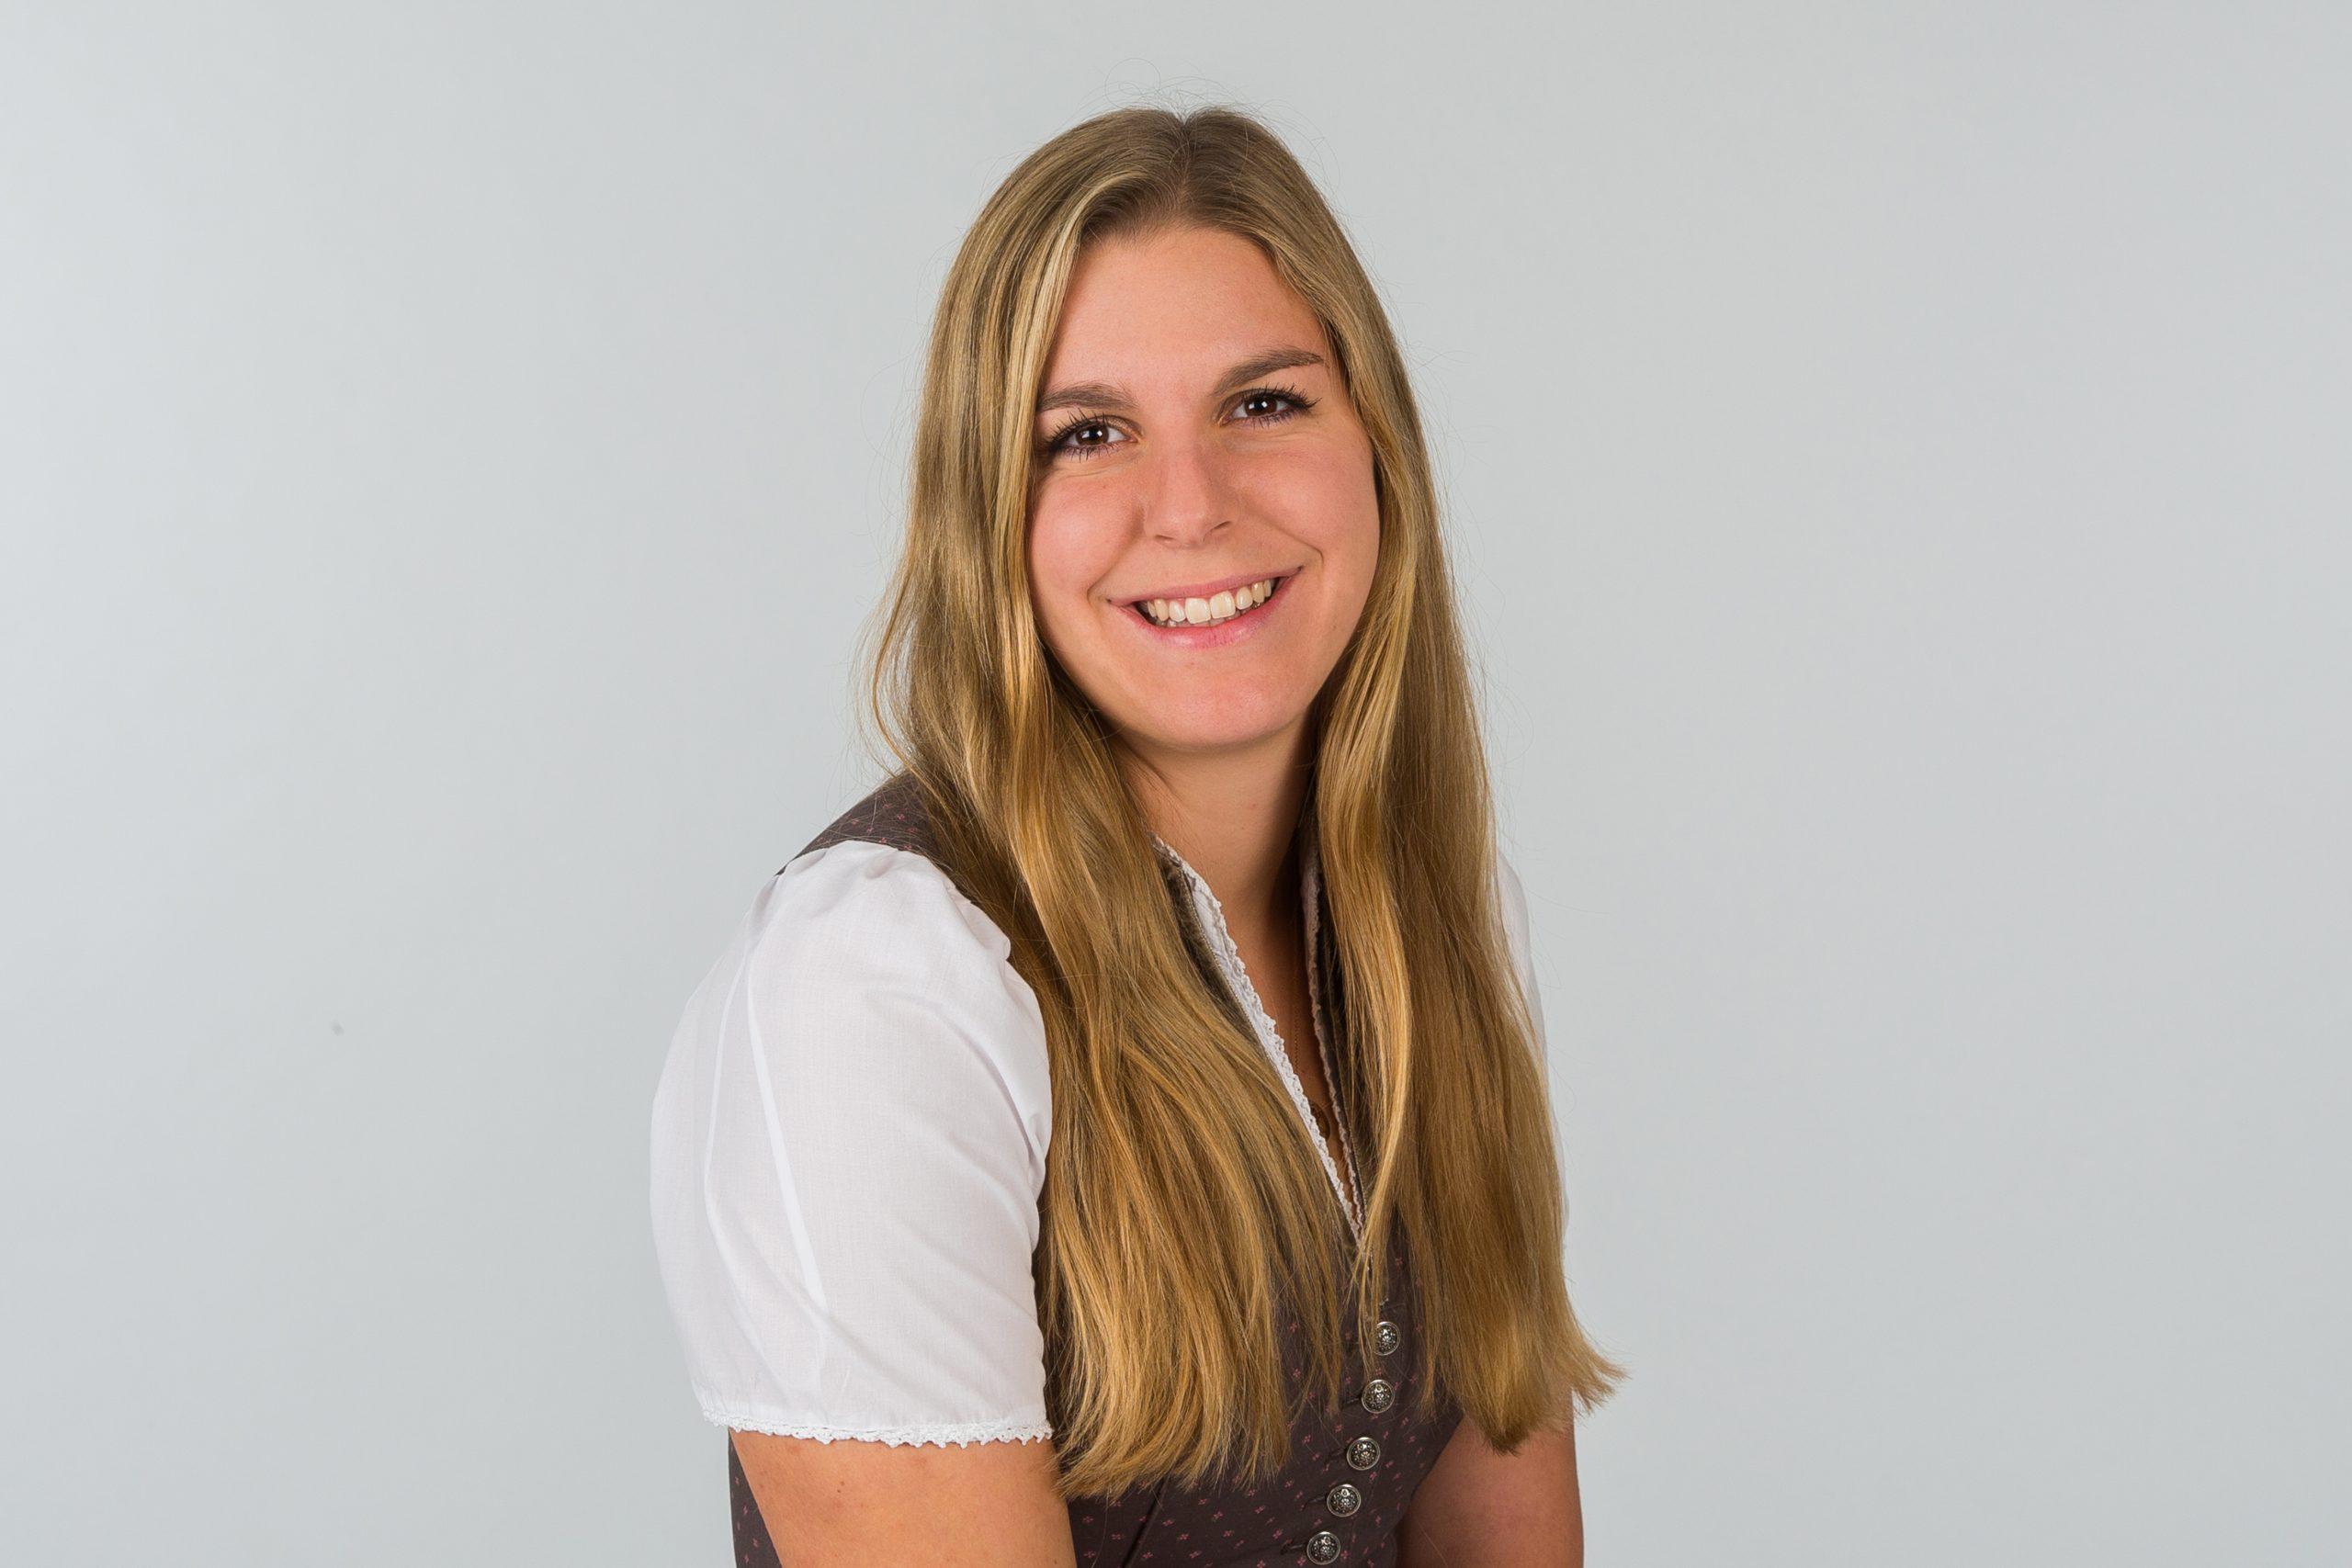 Vanessa Kleist